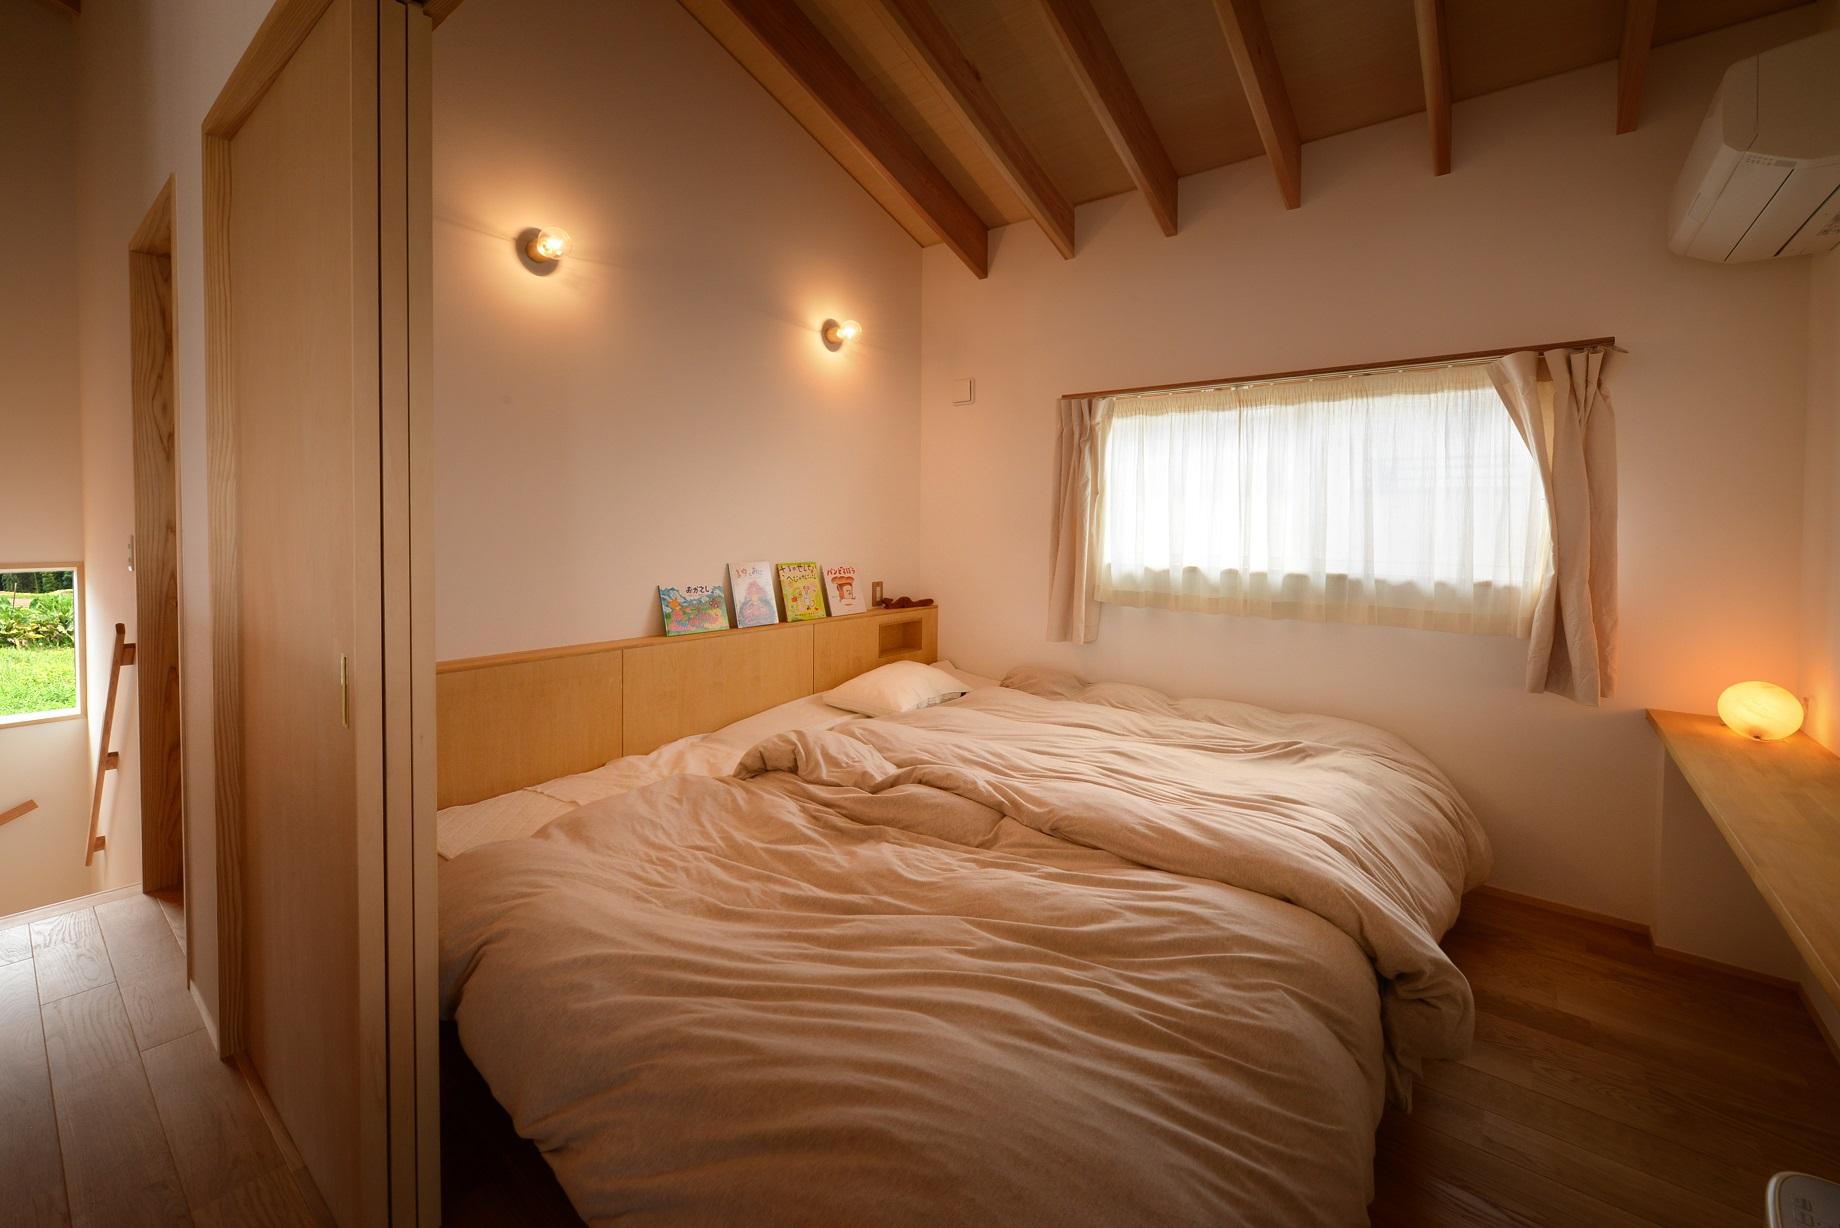 滴水(たるみず)の住宅:2階の寝室は、天井はLDKと同じタルキの登梁。ぐっすり眠れそうな部屋です。